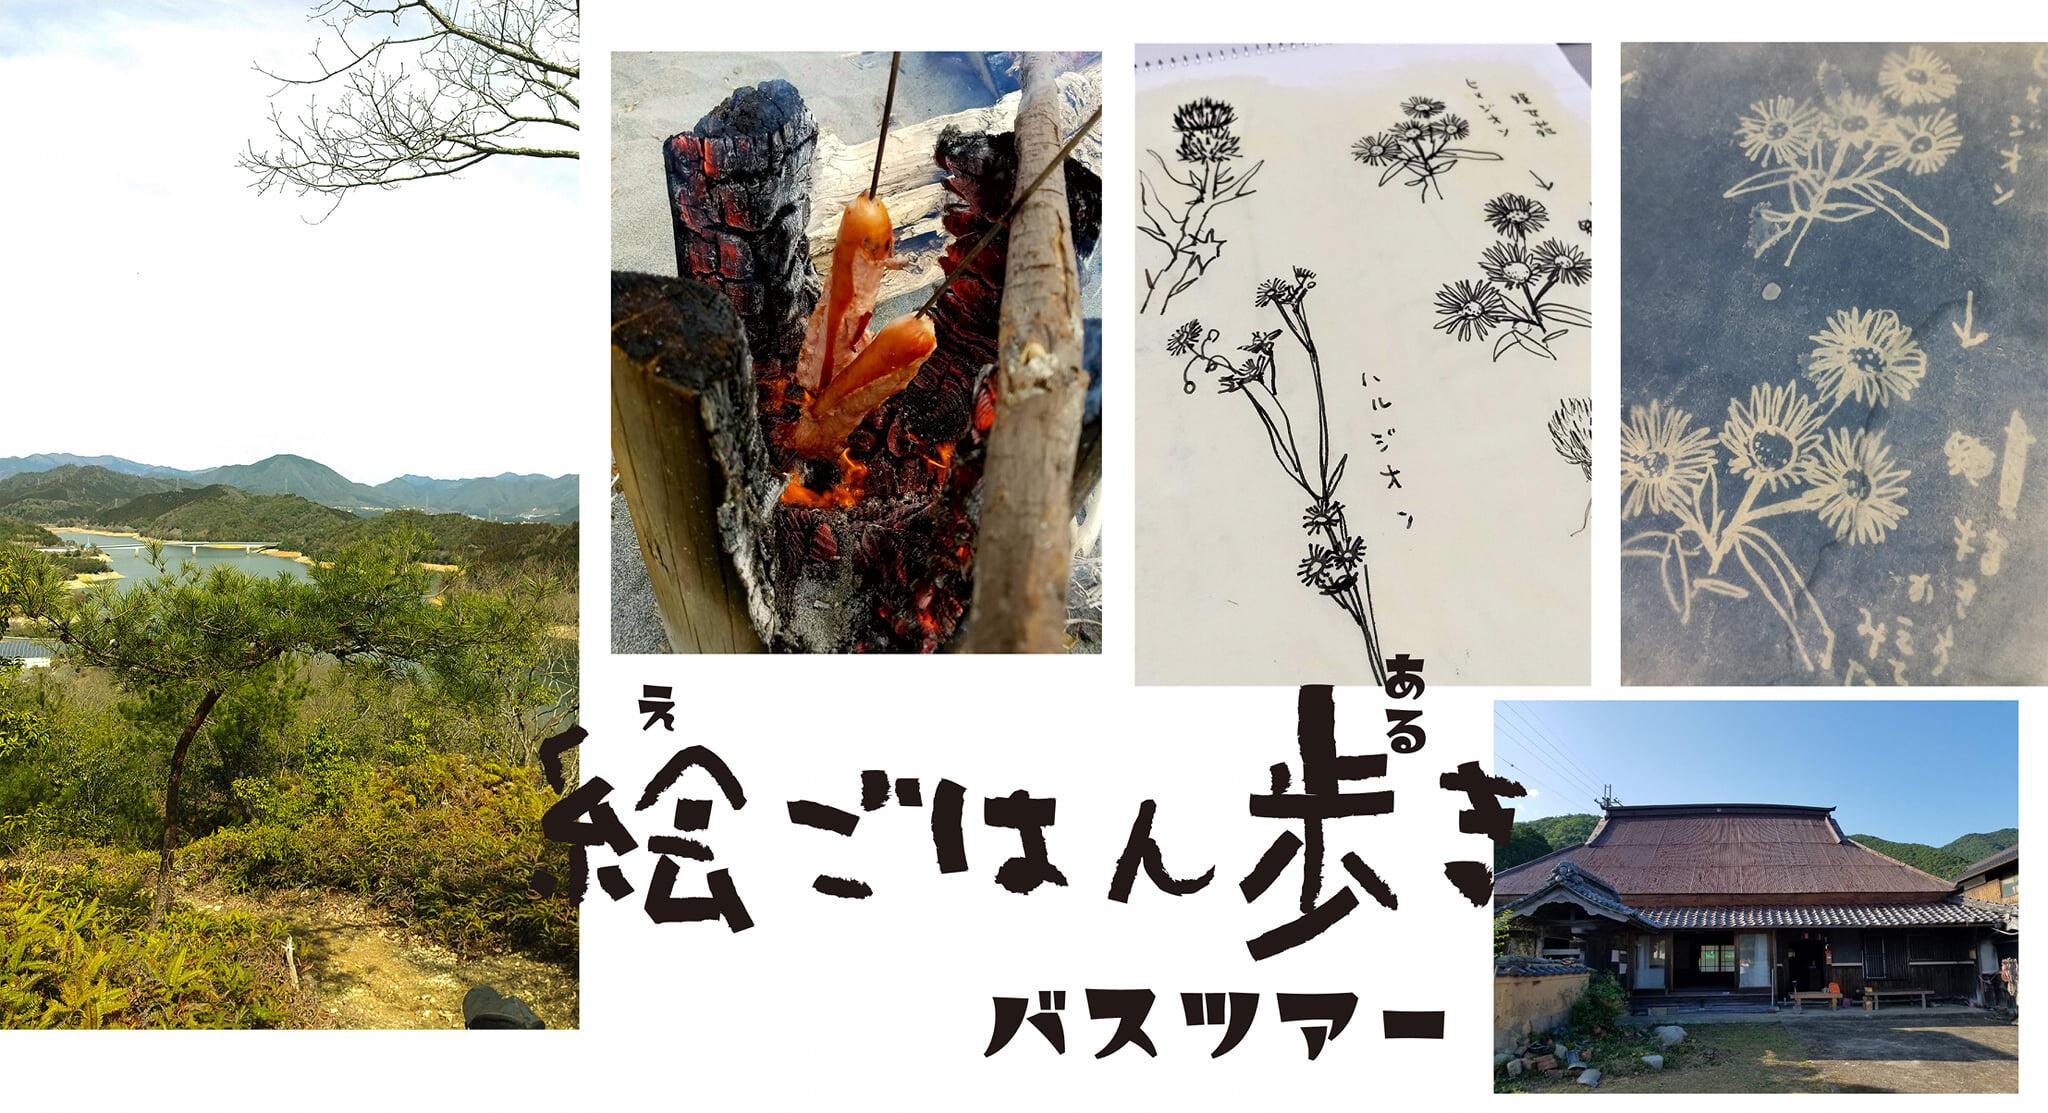 5/16 多可町「門前庵」絵ごはん歩き ※一部内容を省略